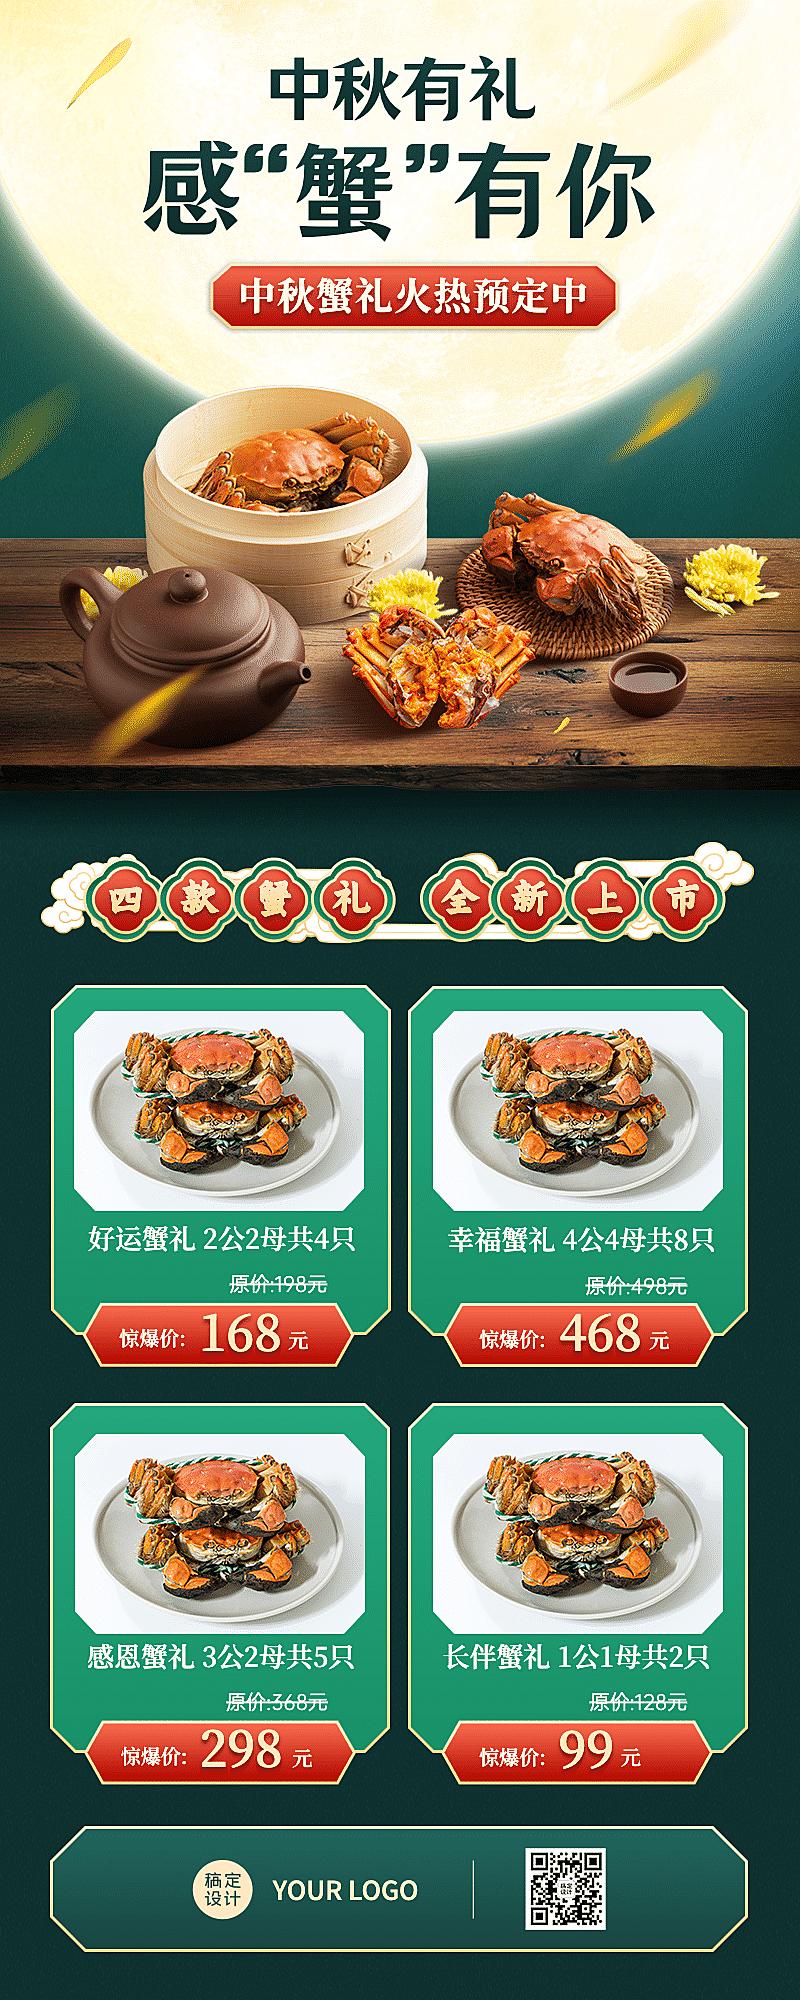 中秋节大闸蟹营销促销长图海报